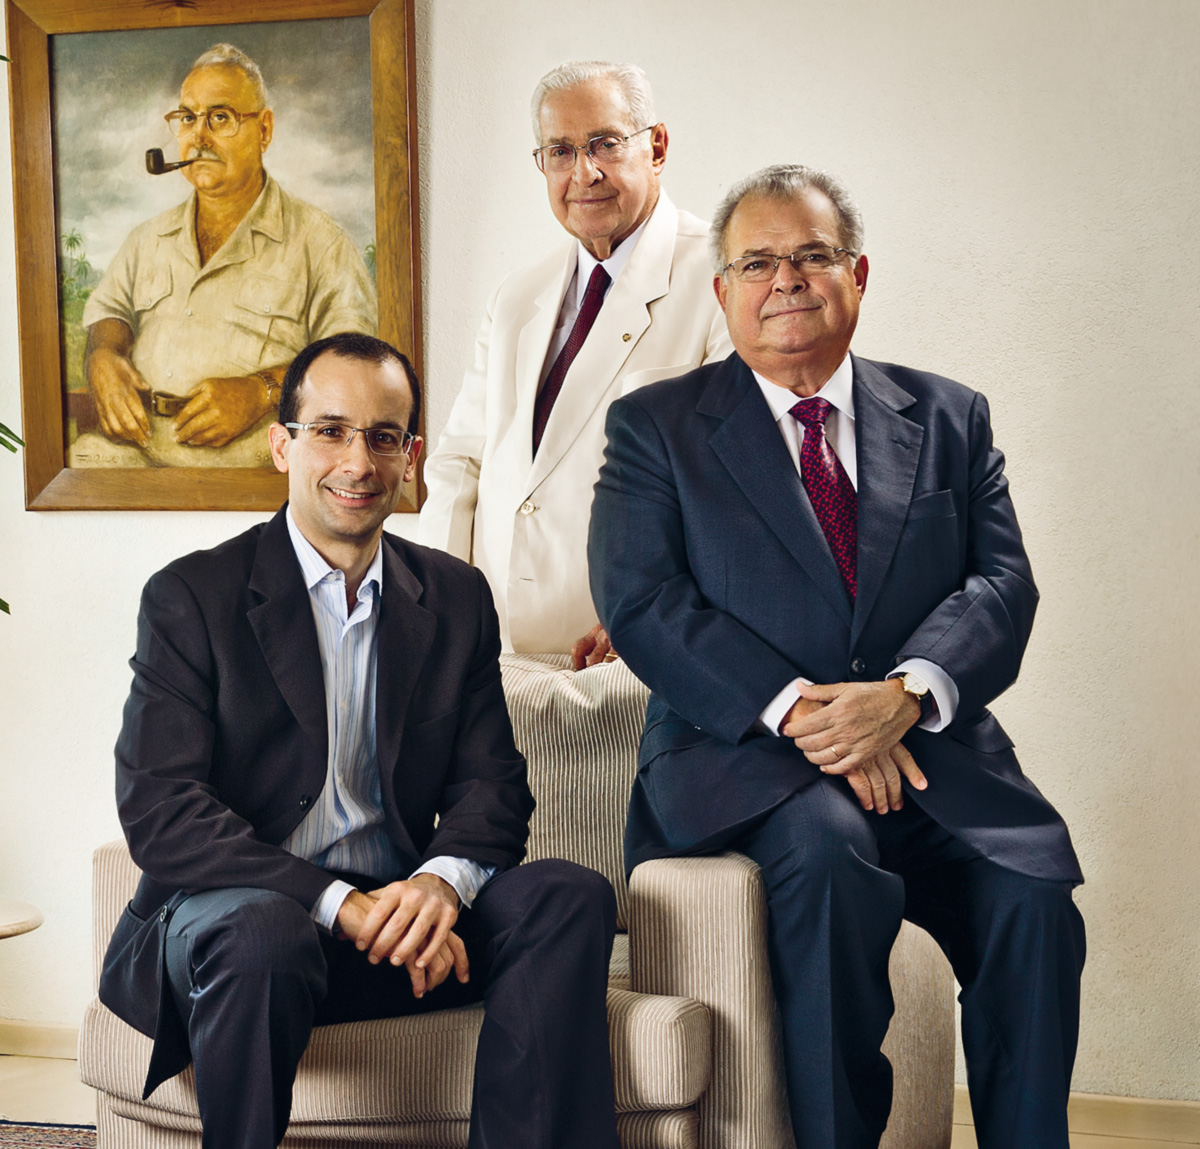 O avô Norberto, o pai Emílio e o filho Marcelo, diante do retrato do patriarca, também Emílio. Envolvida em escândalos há décadas, a Odebrecht sempre saiu incólume. Com a Lava Jato, deve produzir o maior inventário da corrupção no Brasil